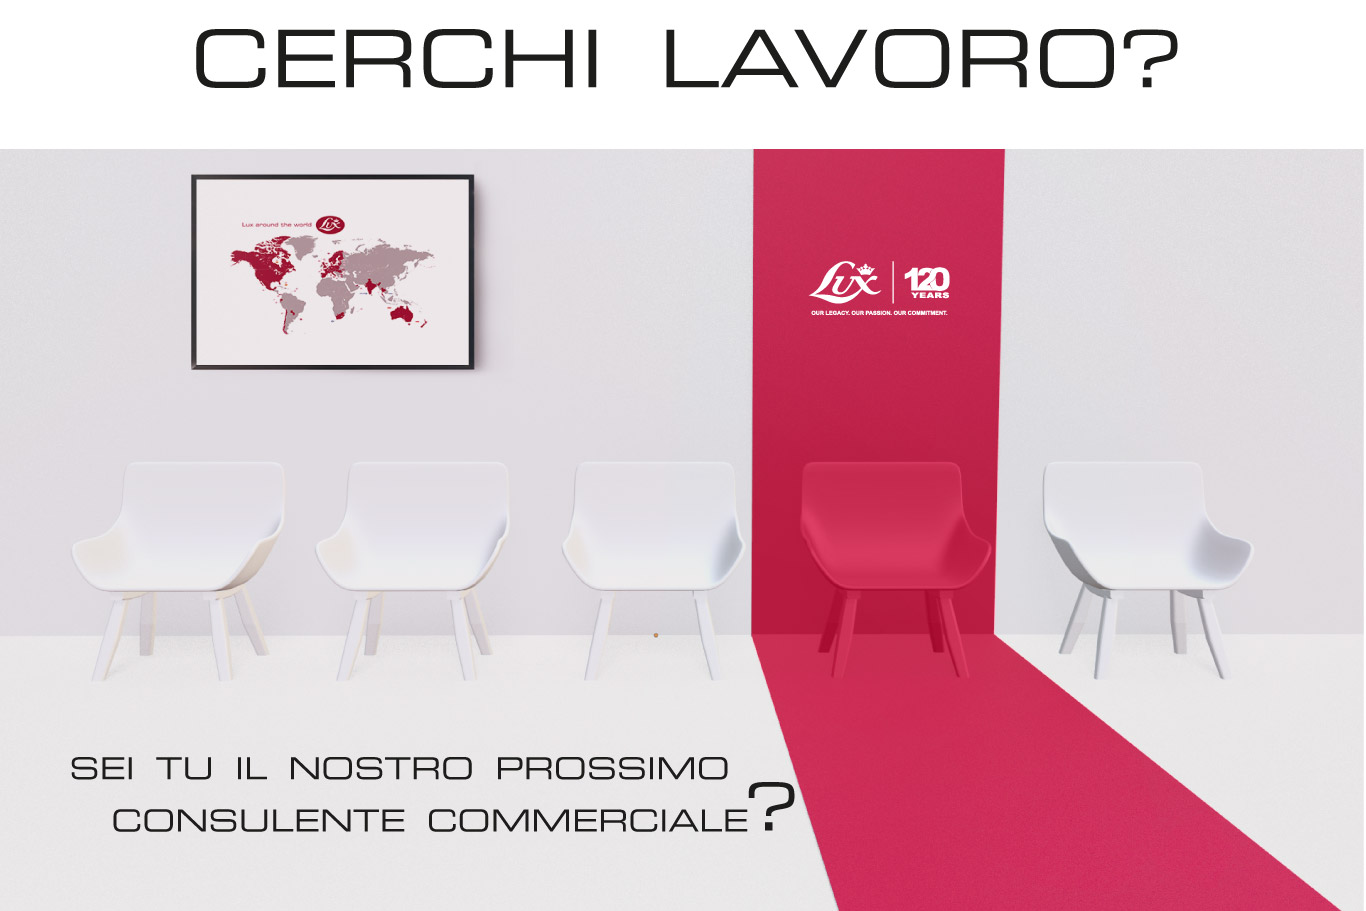 ricerca, lavoro, bergamo, italia, vendita, diretta, consulente, commerciale, lux, ambizione, risultati